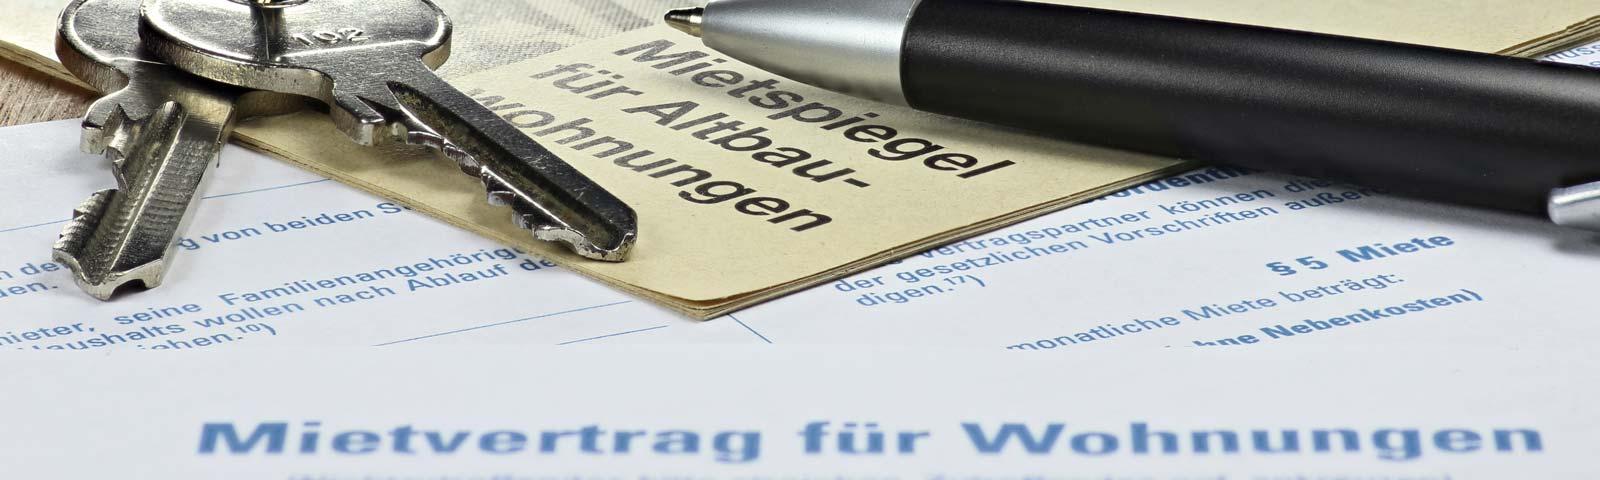 Ein Mietvertrag mit Kuli und Wohnungsschlüssel - Mietrecht